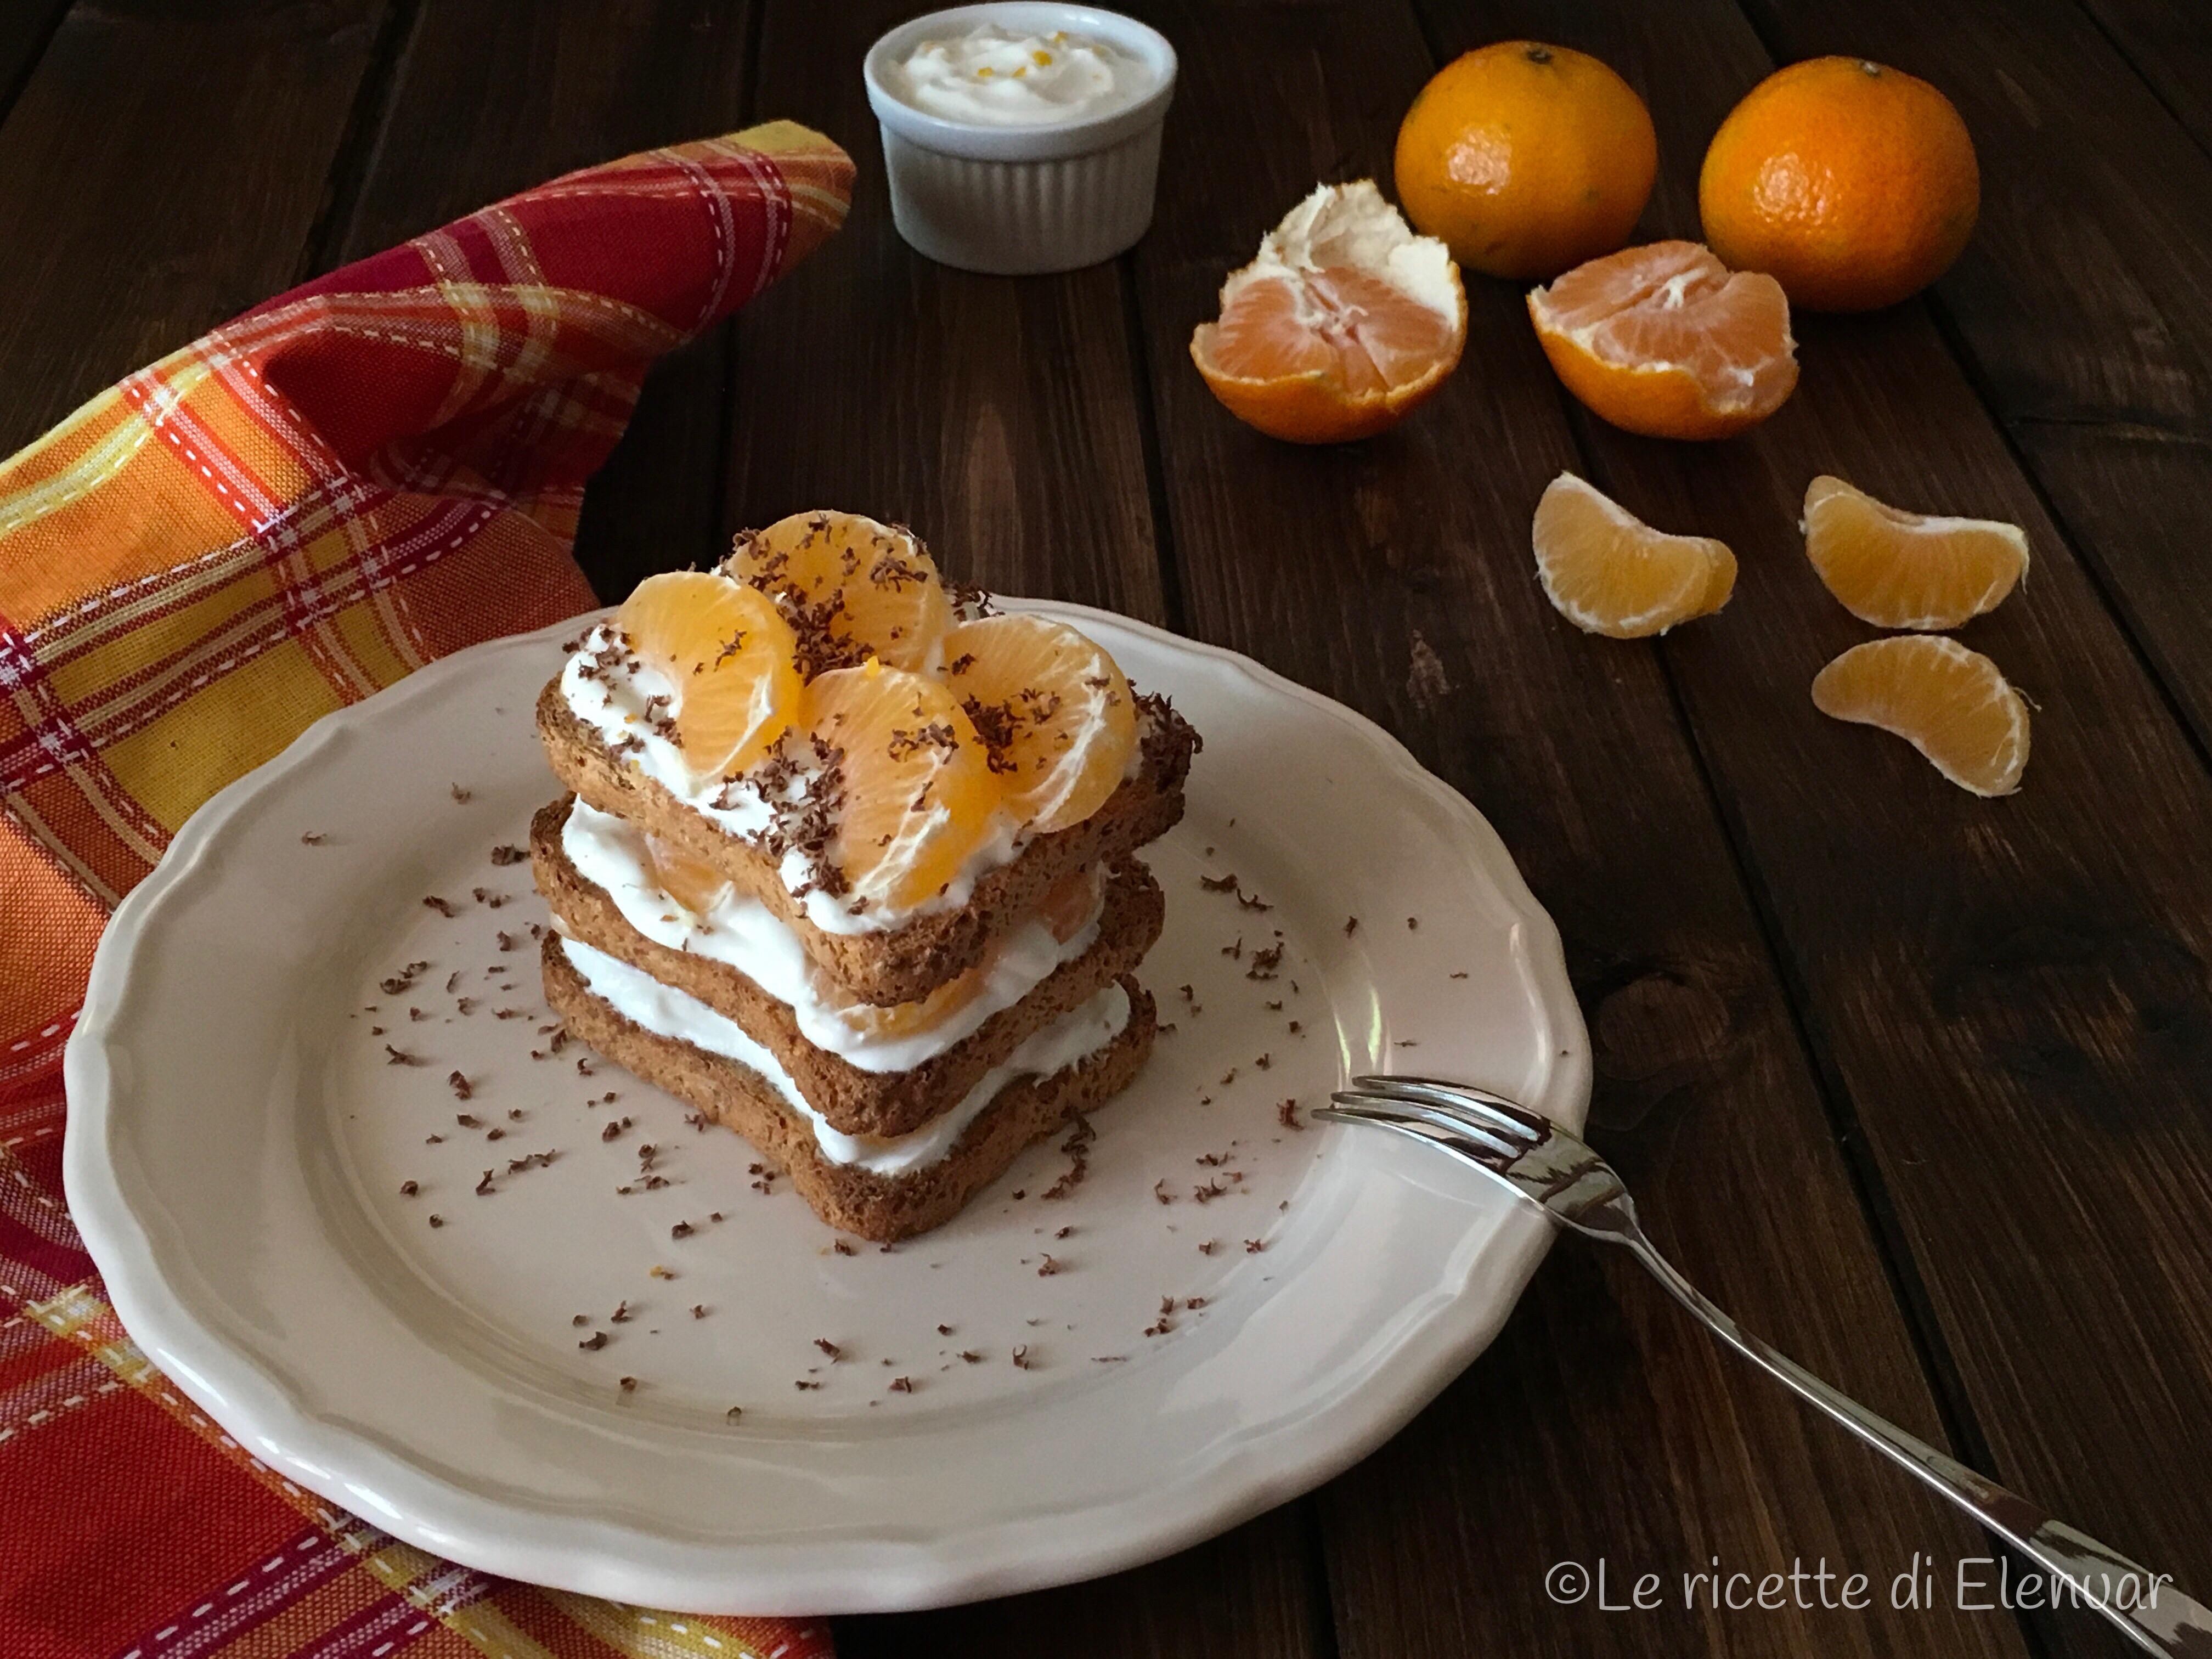 Mattonella con clementine e yogurt greco le ricette di for Cucinare yogurt greco